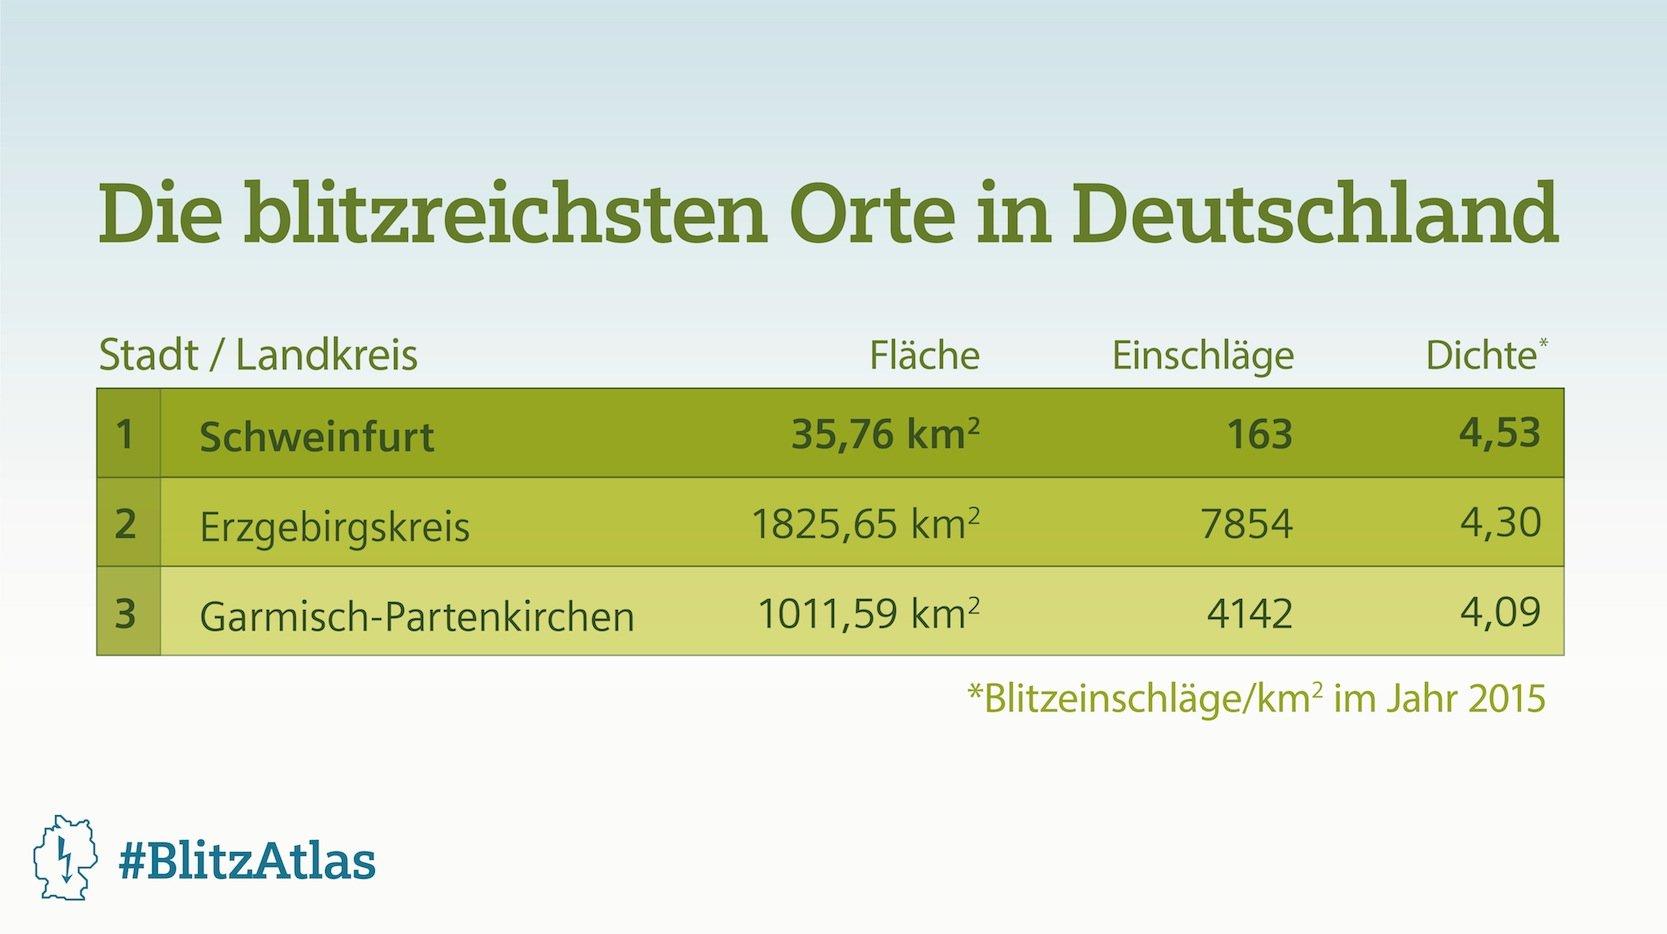 Die meisten Blitze gab es im vergangenen Jahr in Schweinfurt, im Erzgebirge und in Garmisch-Partenkirchen.